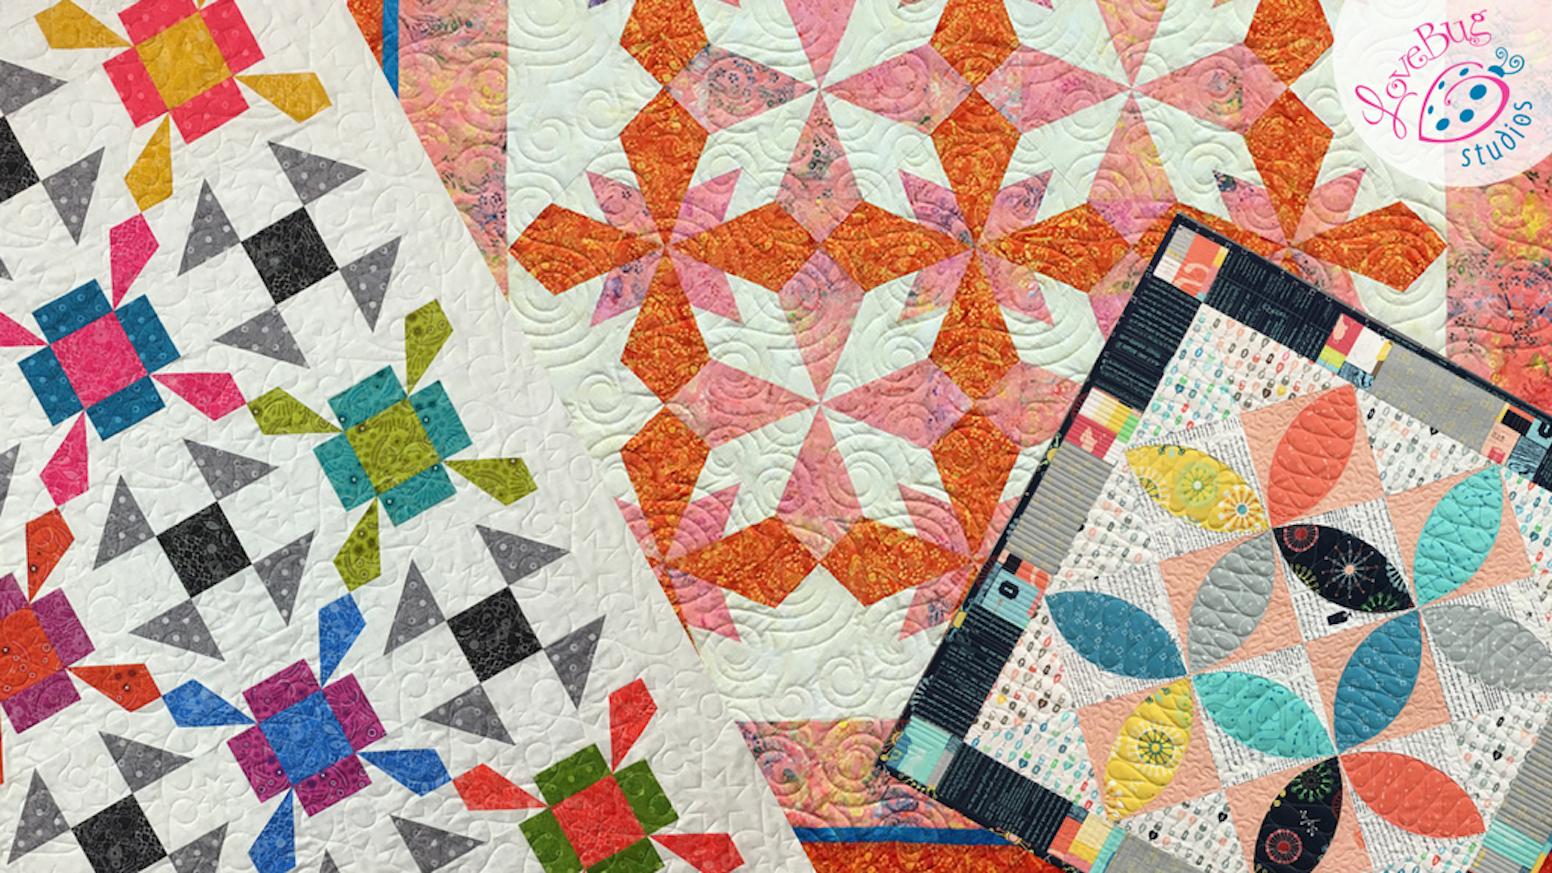 Exclusive Fabric Cutting Dies By Lovebug Studios By Ebony